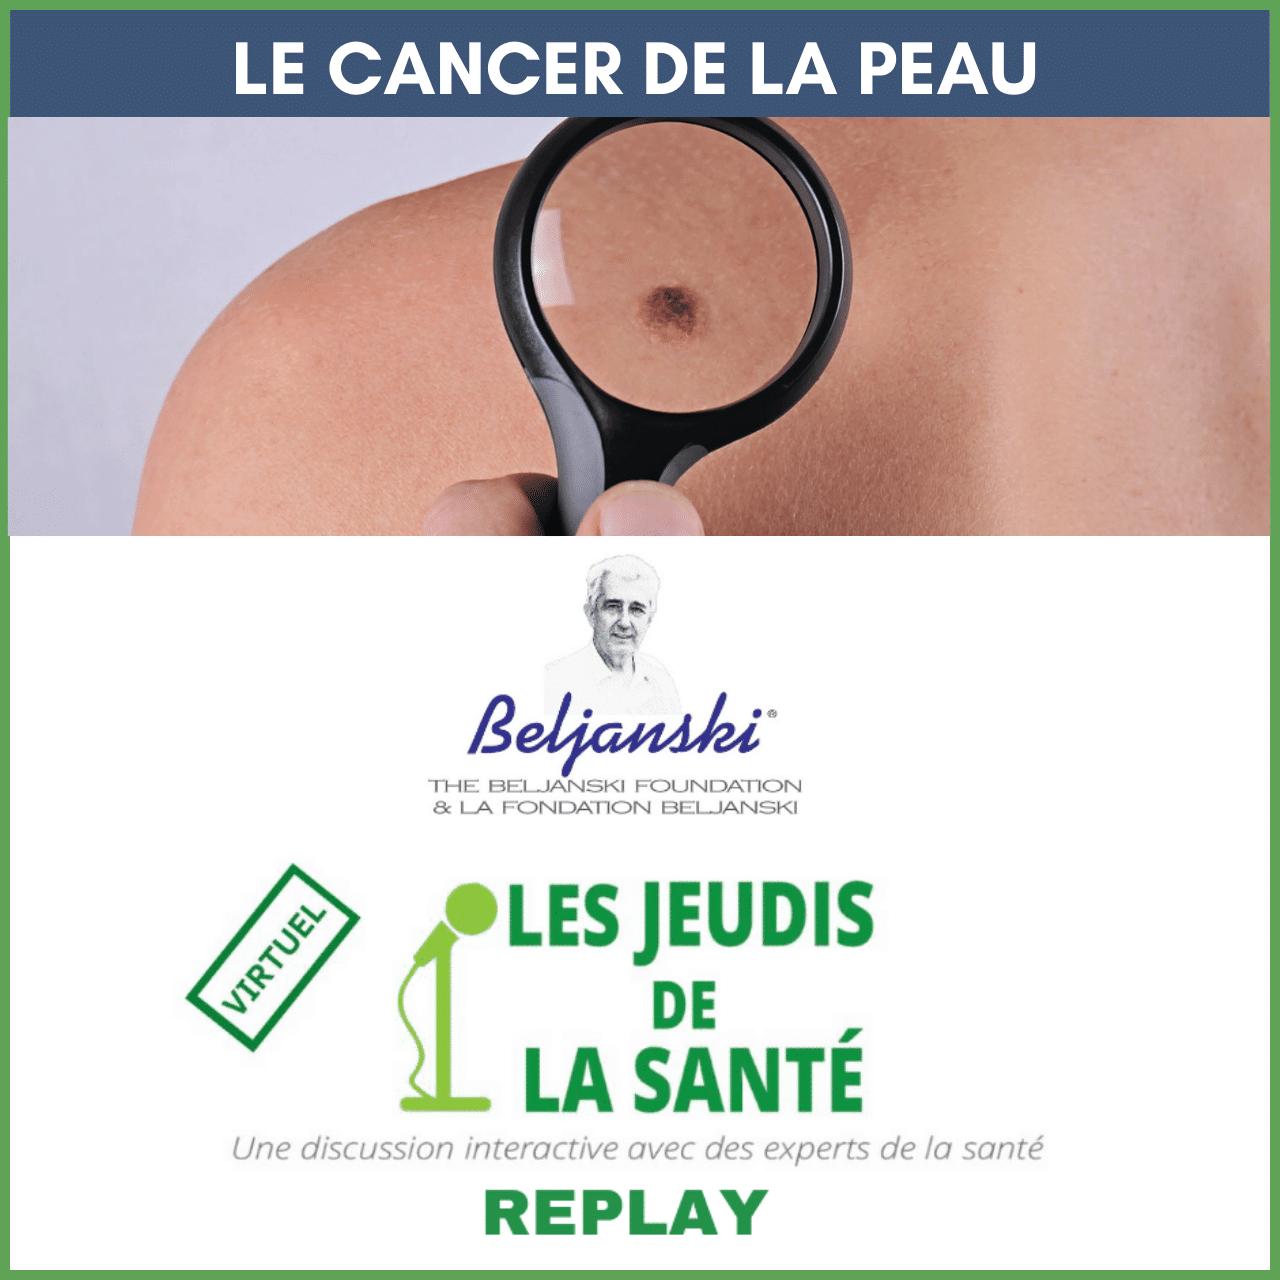 LE CANCER DE LA PEAU